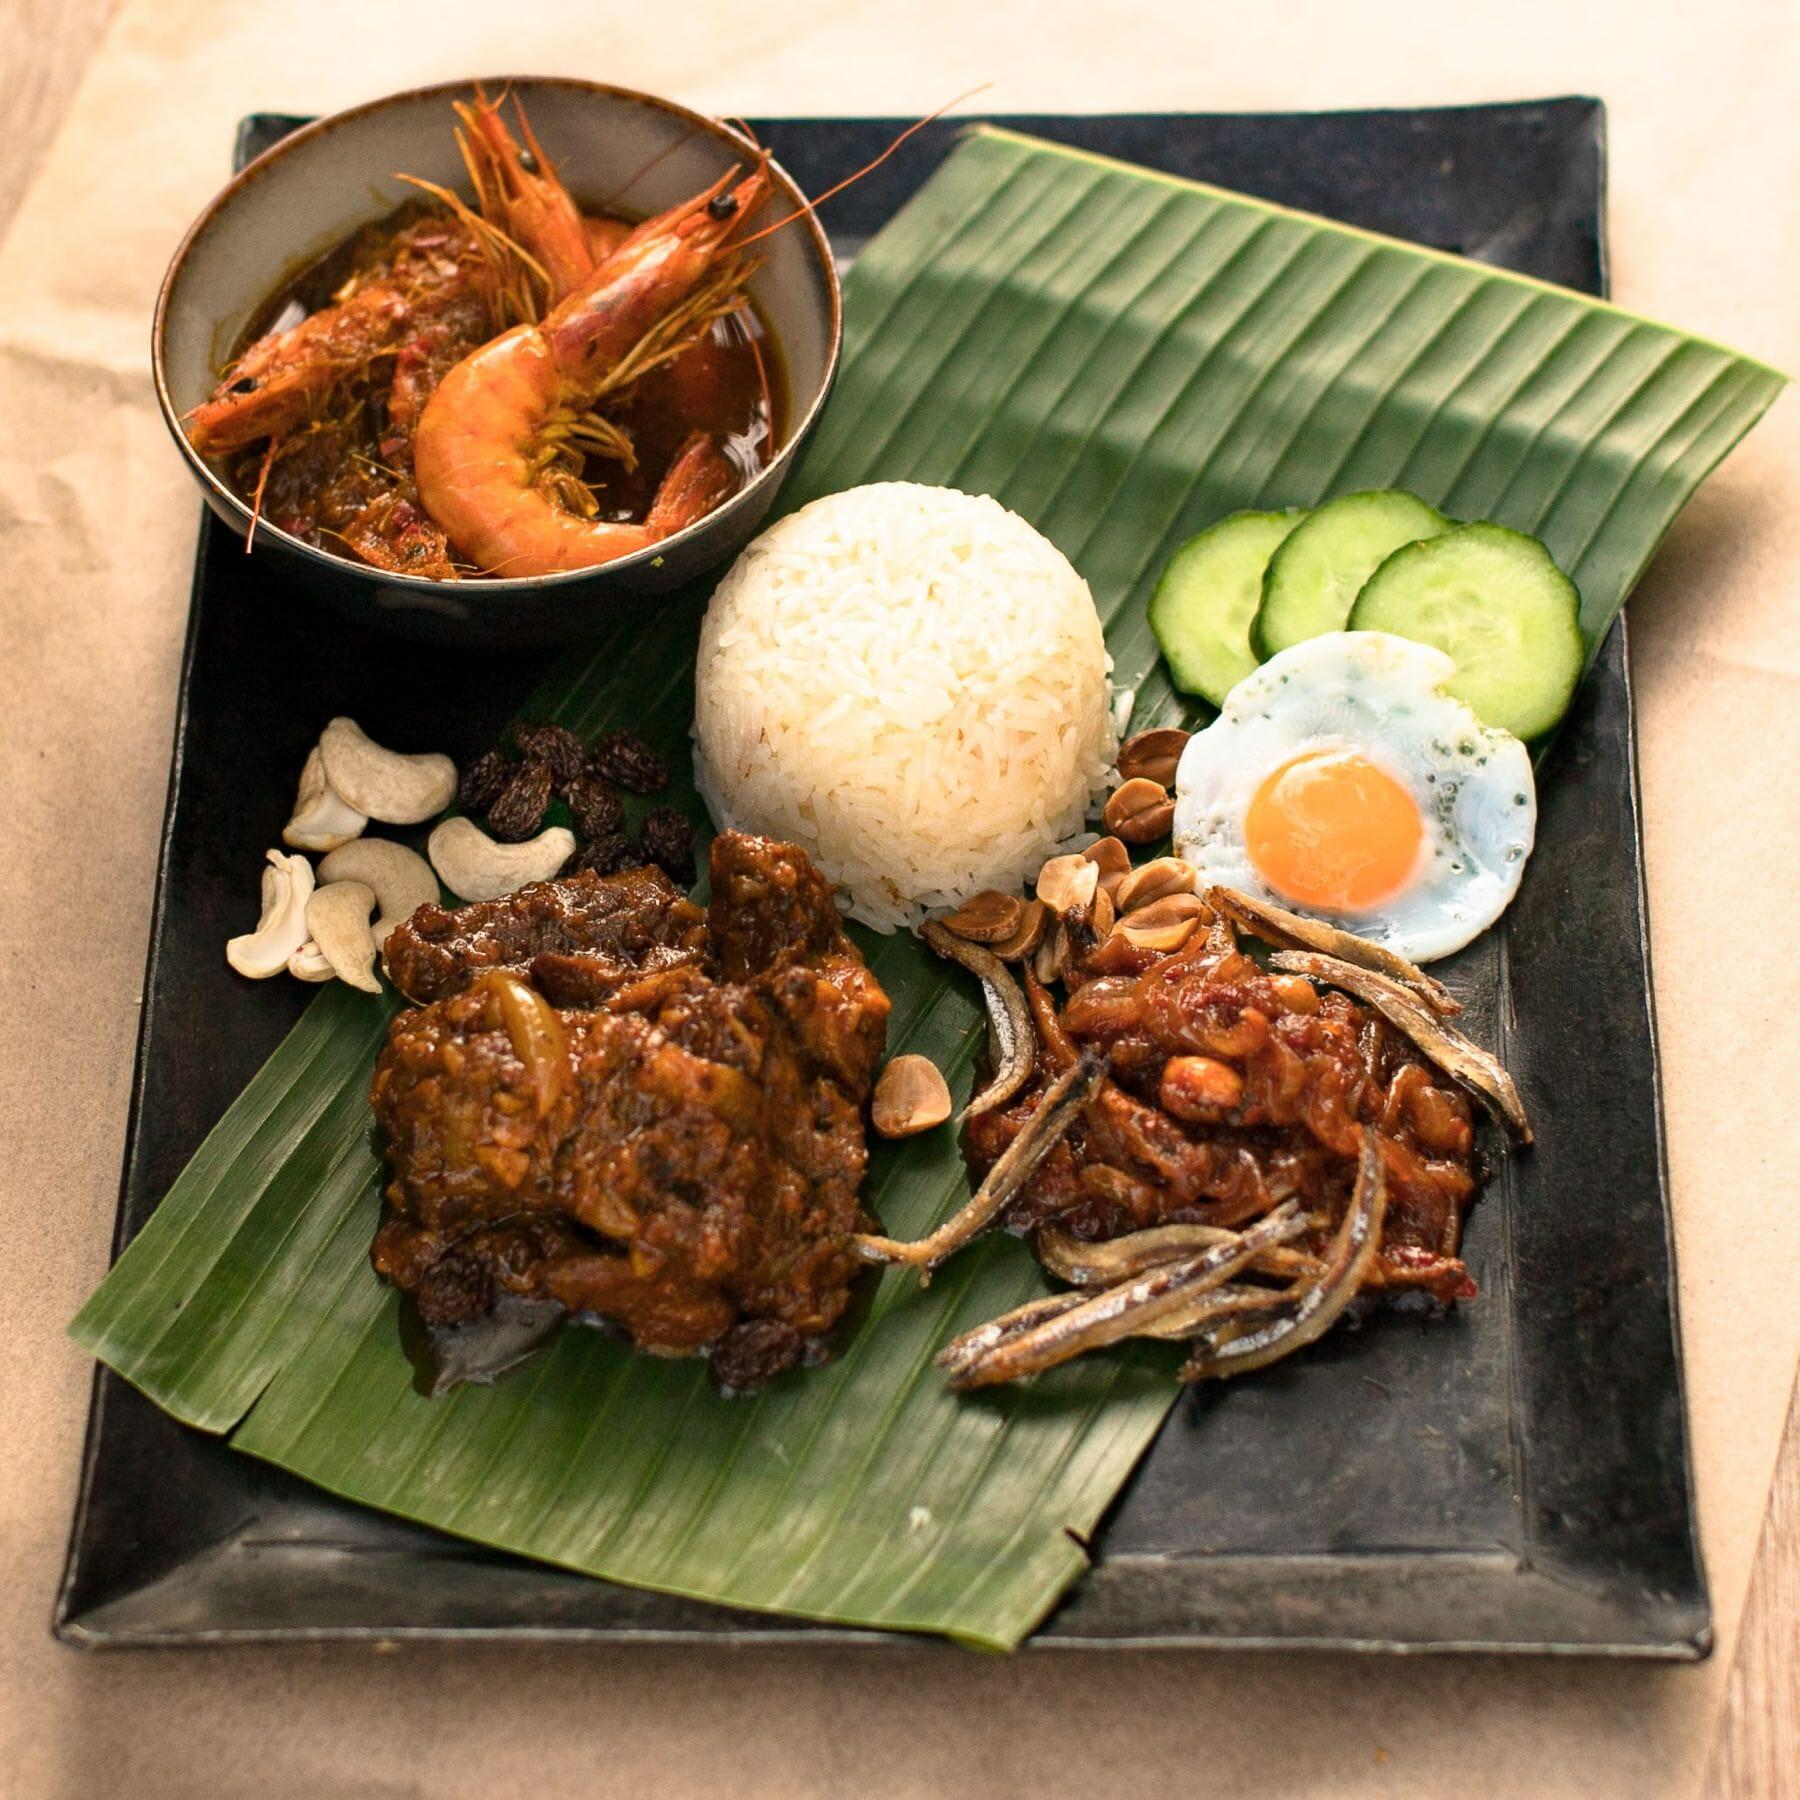 Kokosreis mit Curries und scharfem Sambal aus Malaysia